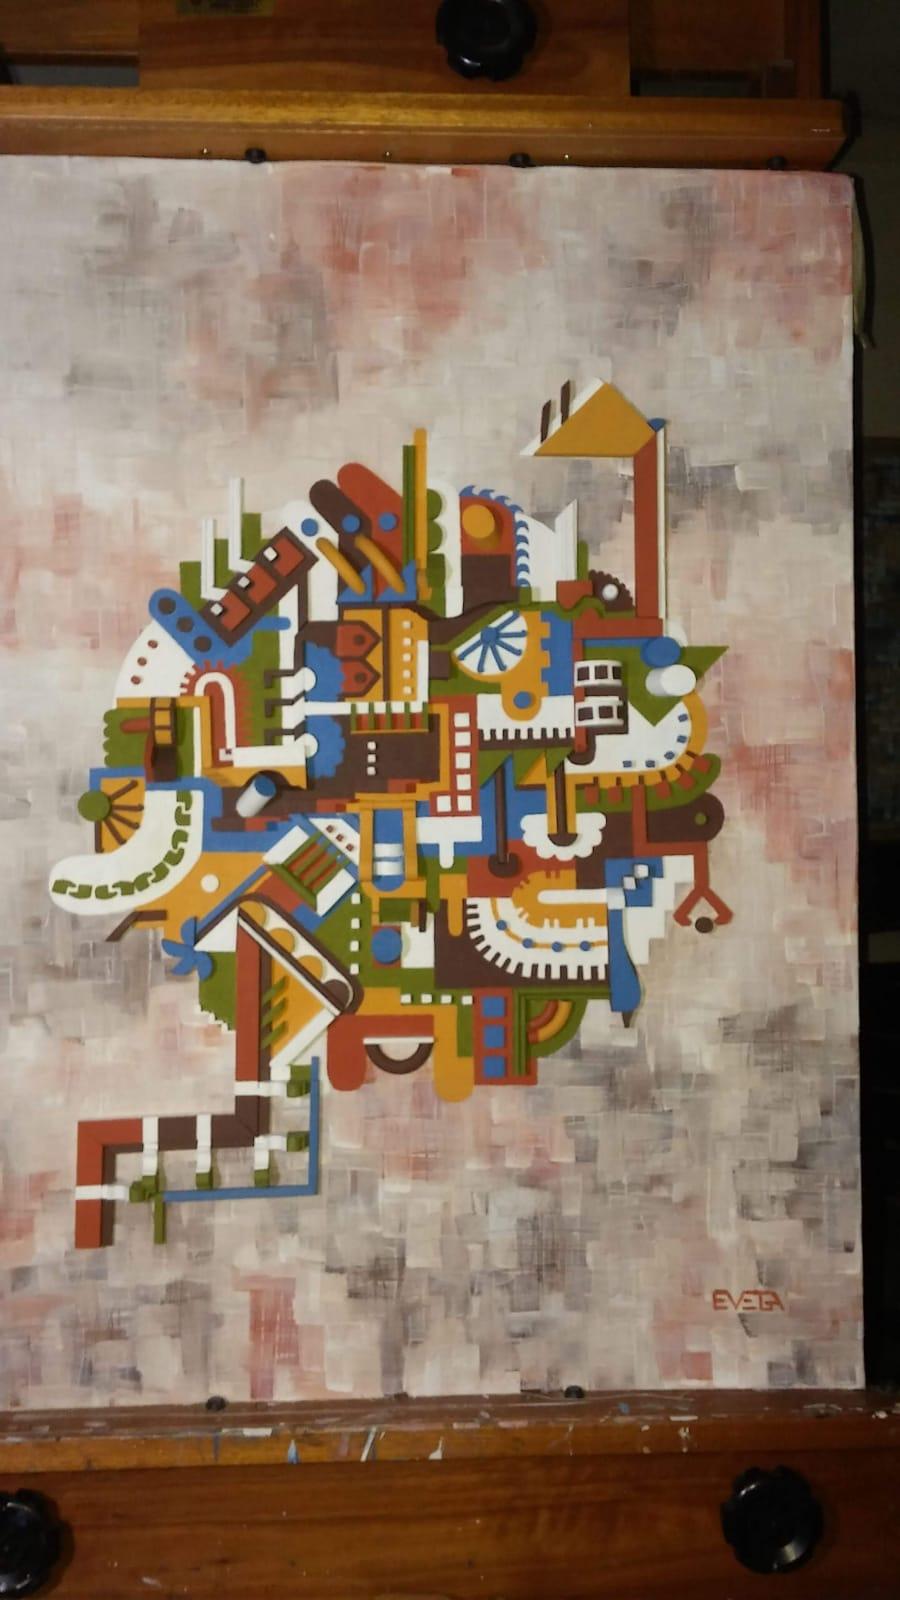 Mecanismos III (2020) - Edith Vega Mello - Evega